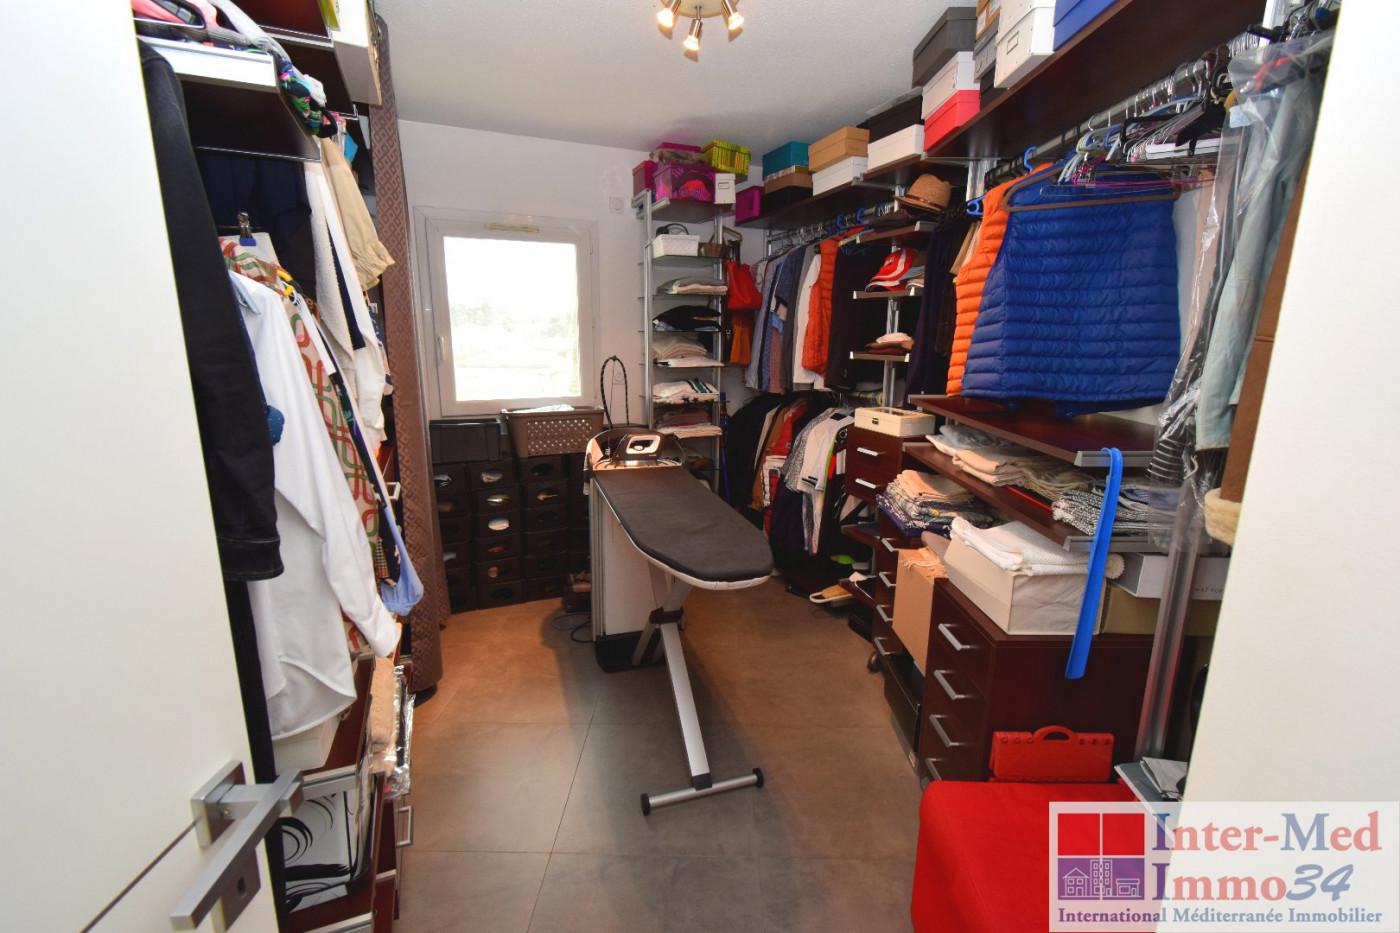 A vendre  Agde | Réf 3458344231 - Inter-med-immo34 - prestige